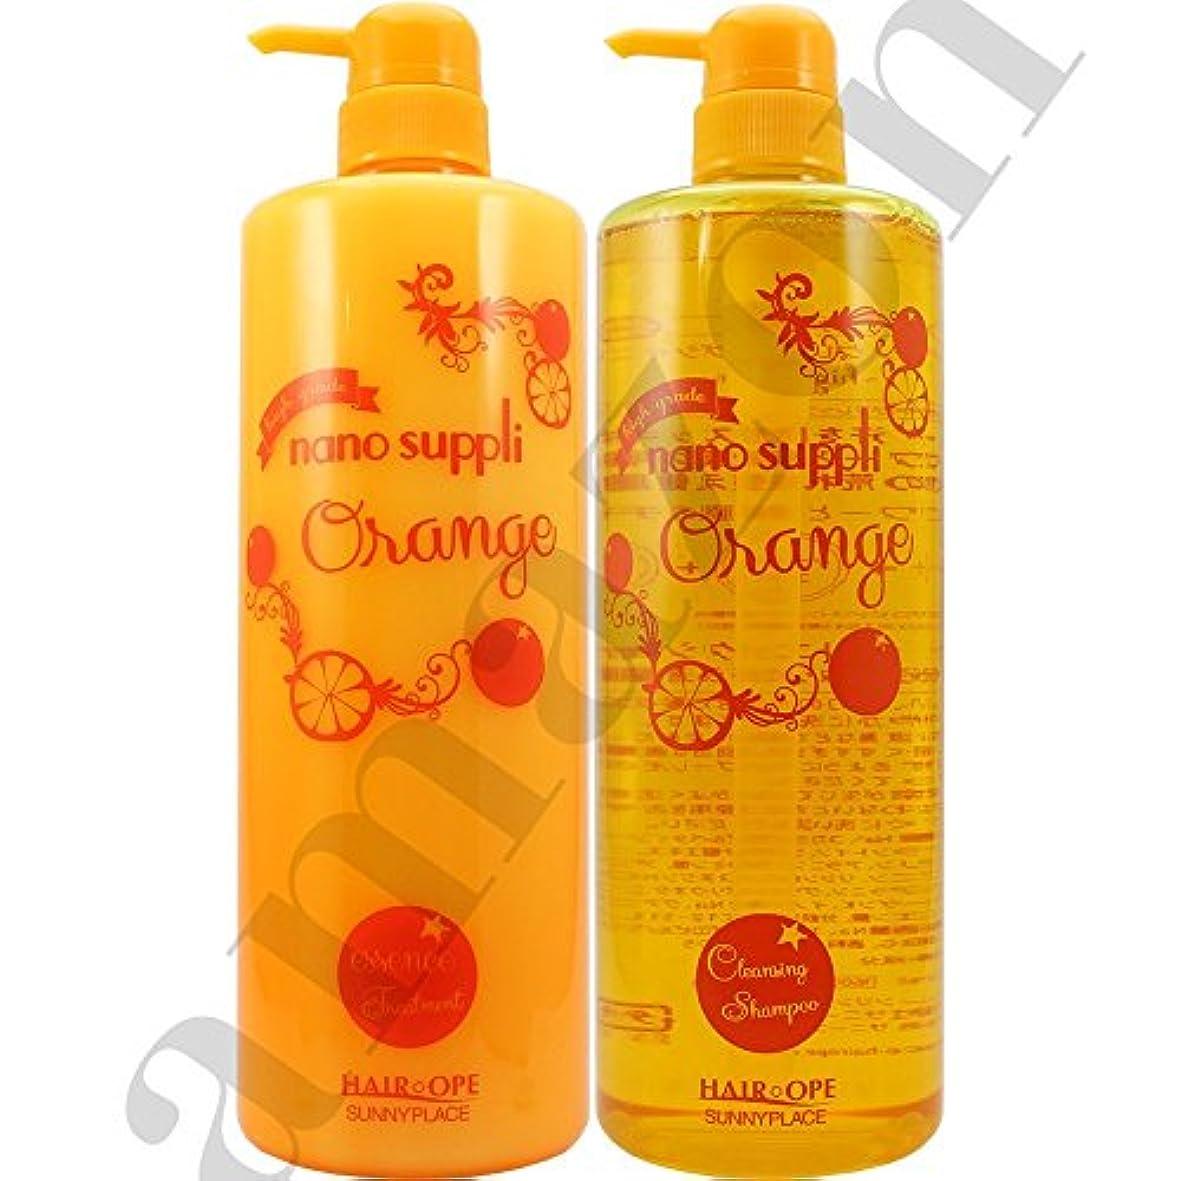 サイト同様のチャーミングサニープレイス ナノサプリ クレンジングシャンプー&コンディショナー オレンジ 1000mlボトルセット